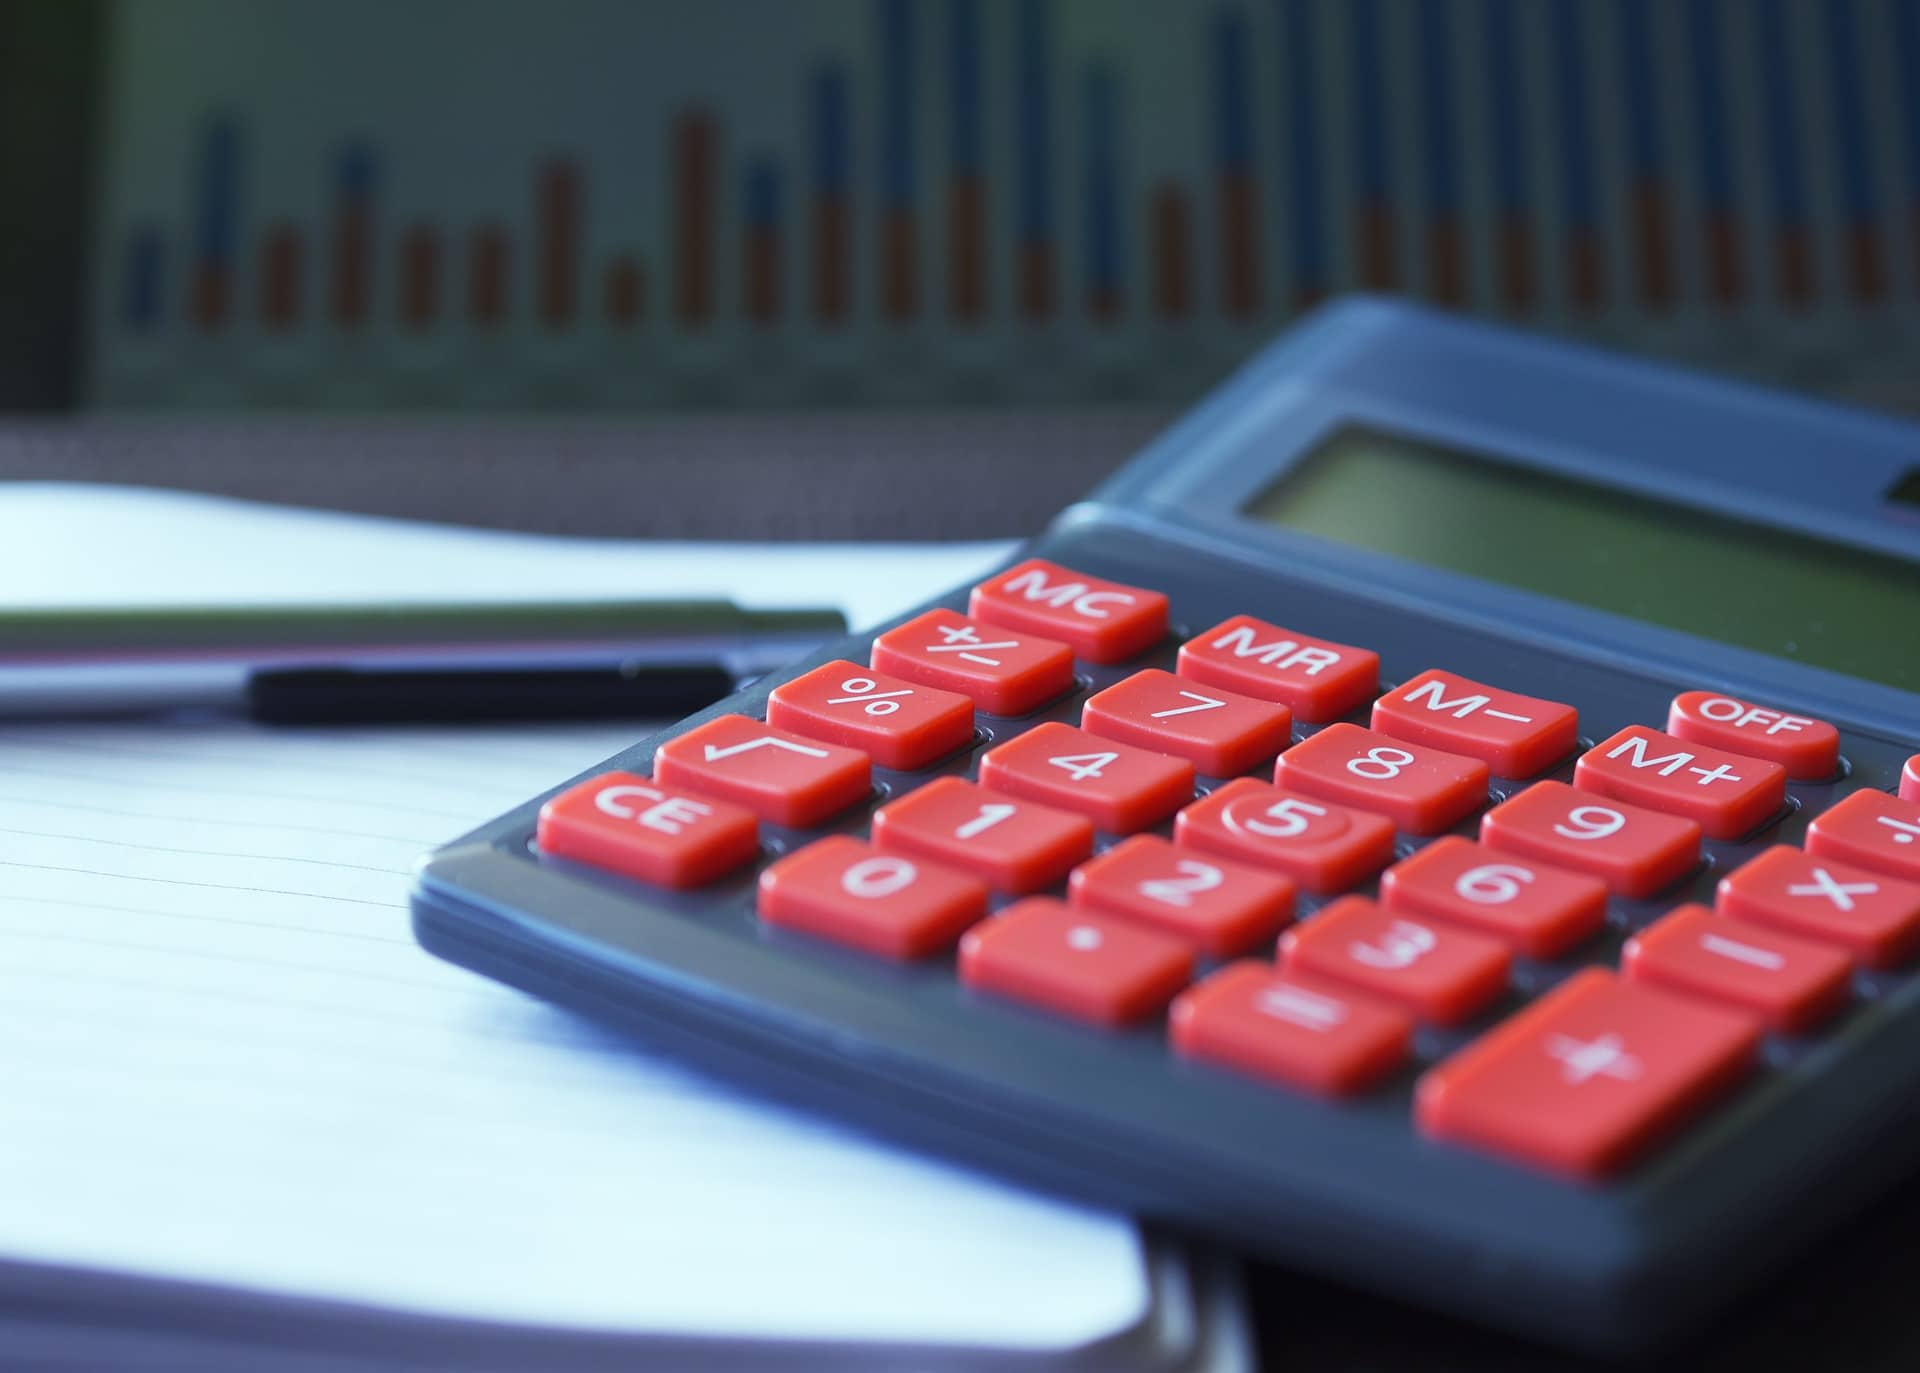 Buchhaltung: Definition, Aufgaben & Beispiele